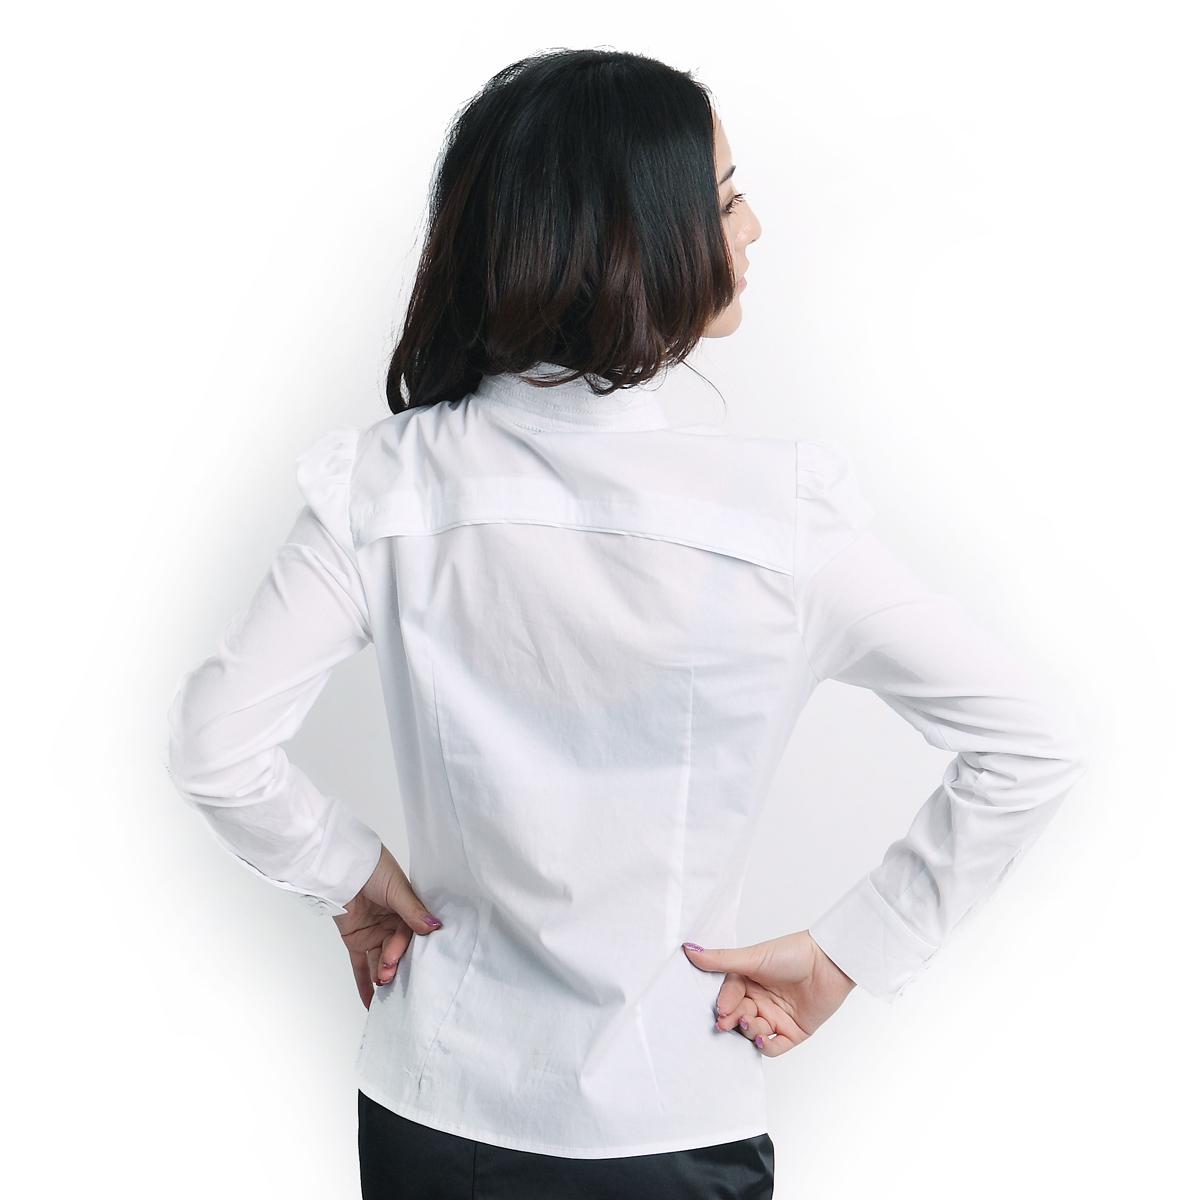 женская рубашка OSA sc91204 O.SA Casual Длинный рукав В клетку Воротник-стойка